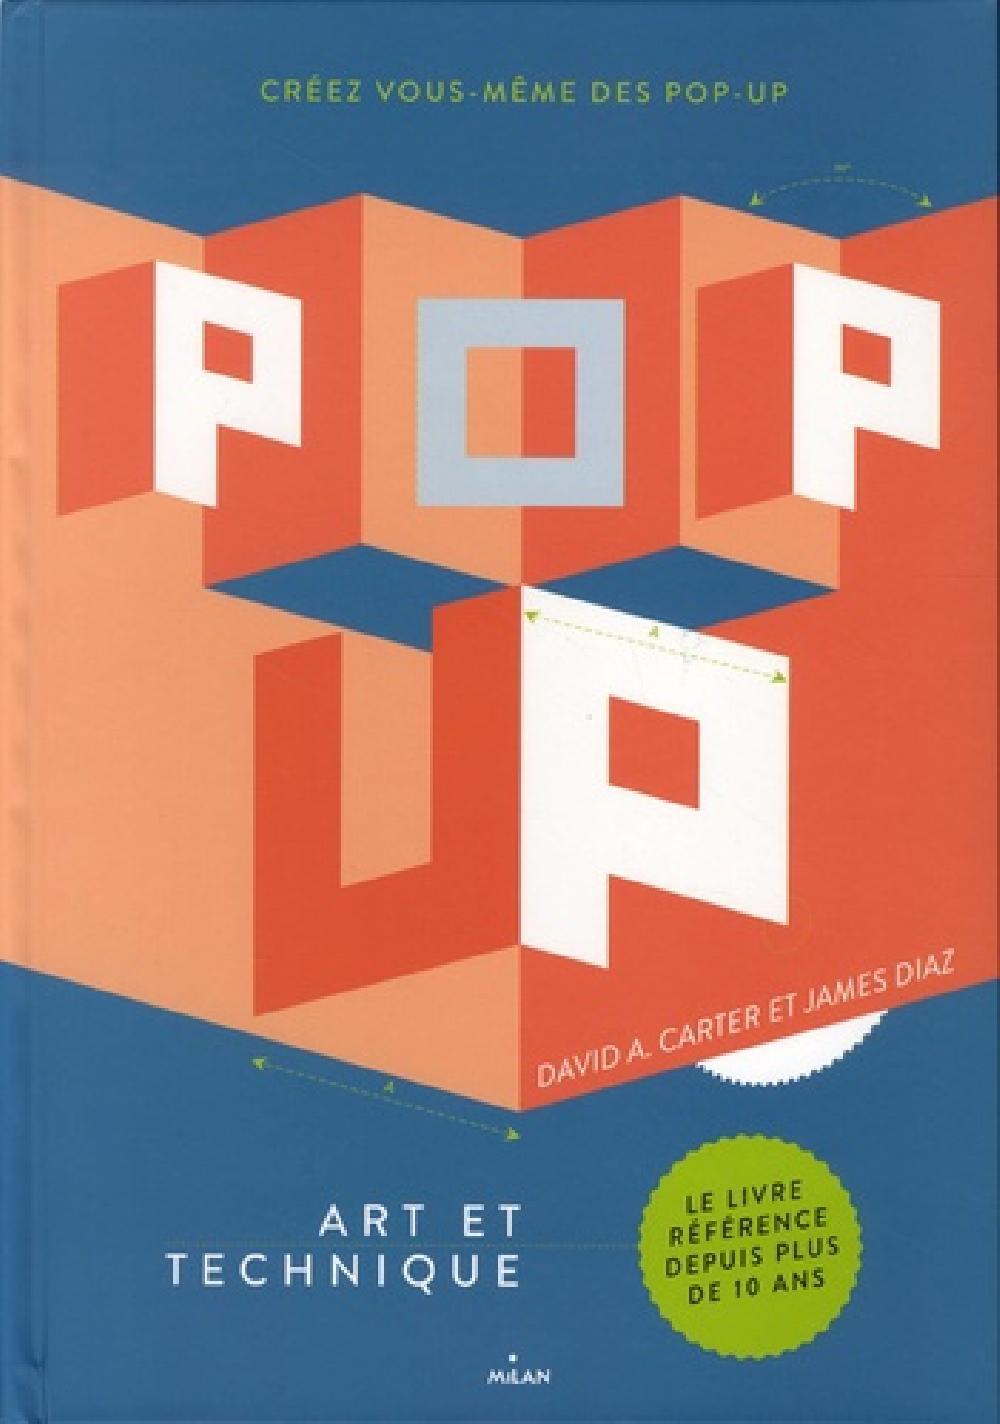 Pop-up, art et technique